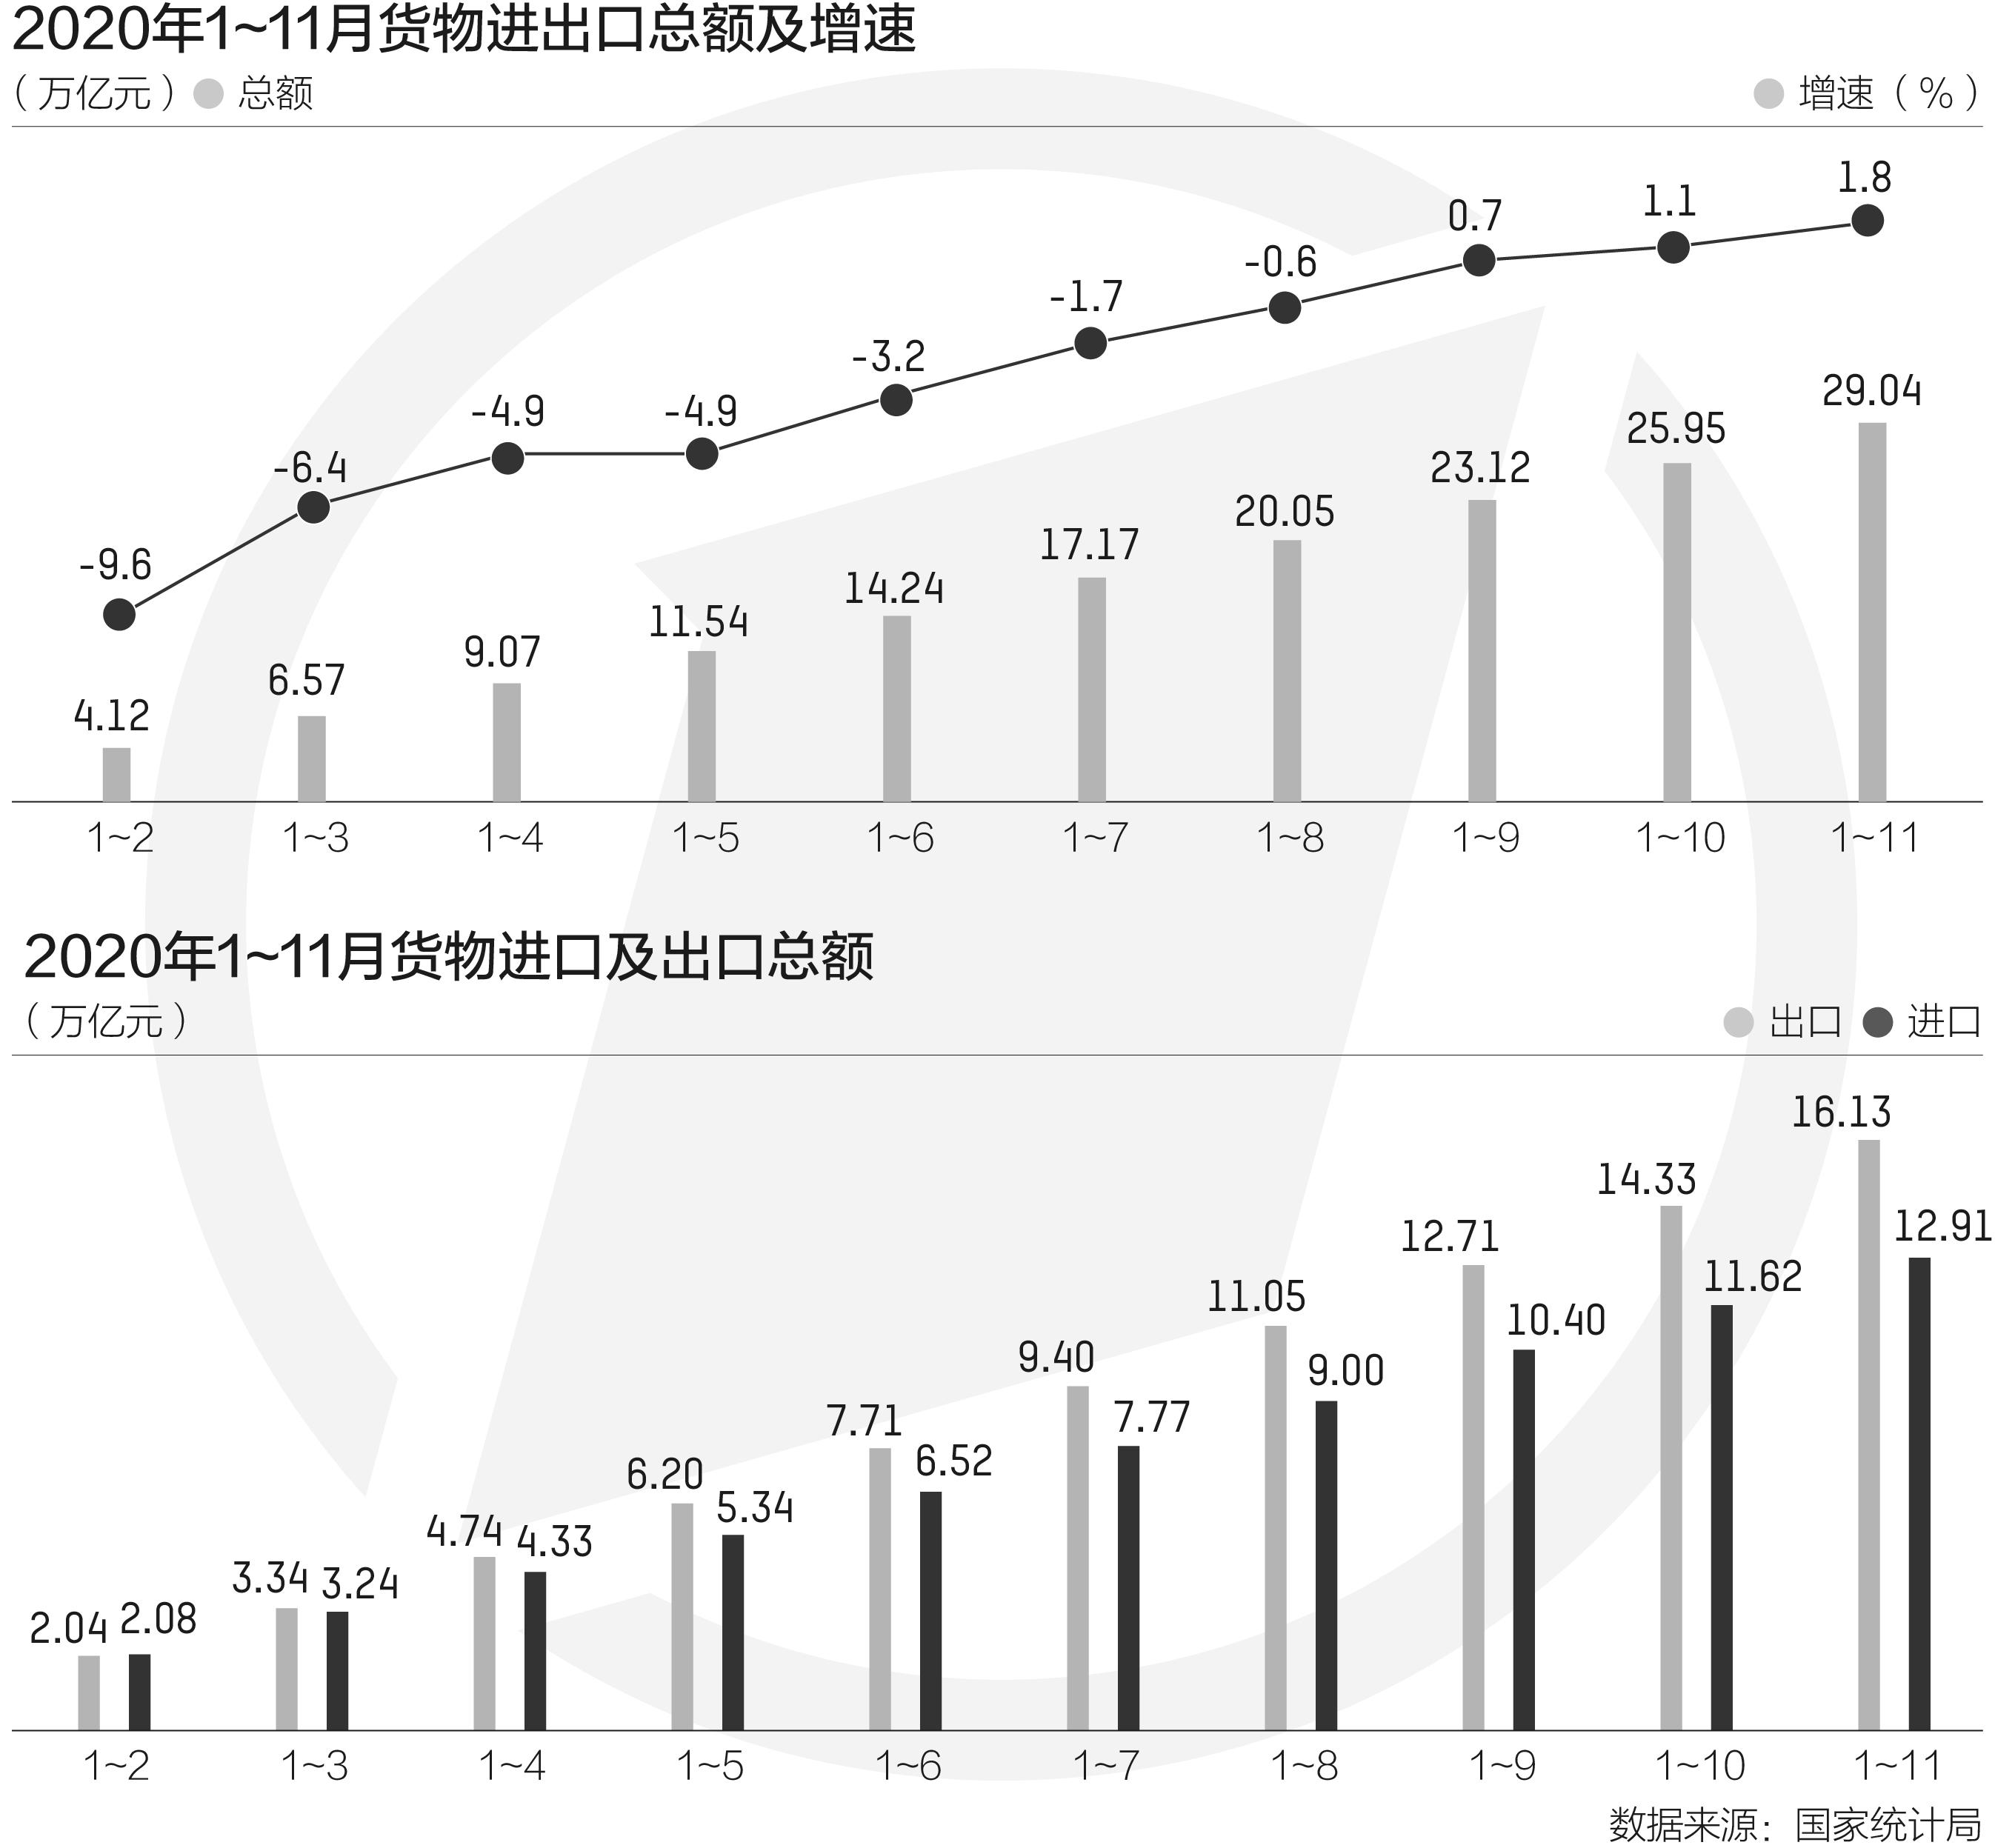 企业线上生意增1221%!出口数据抢眼20年未见的外贸涨势能持续多久